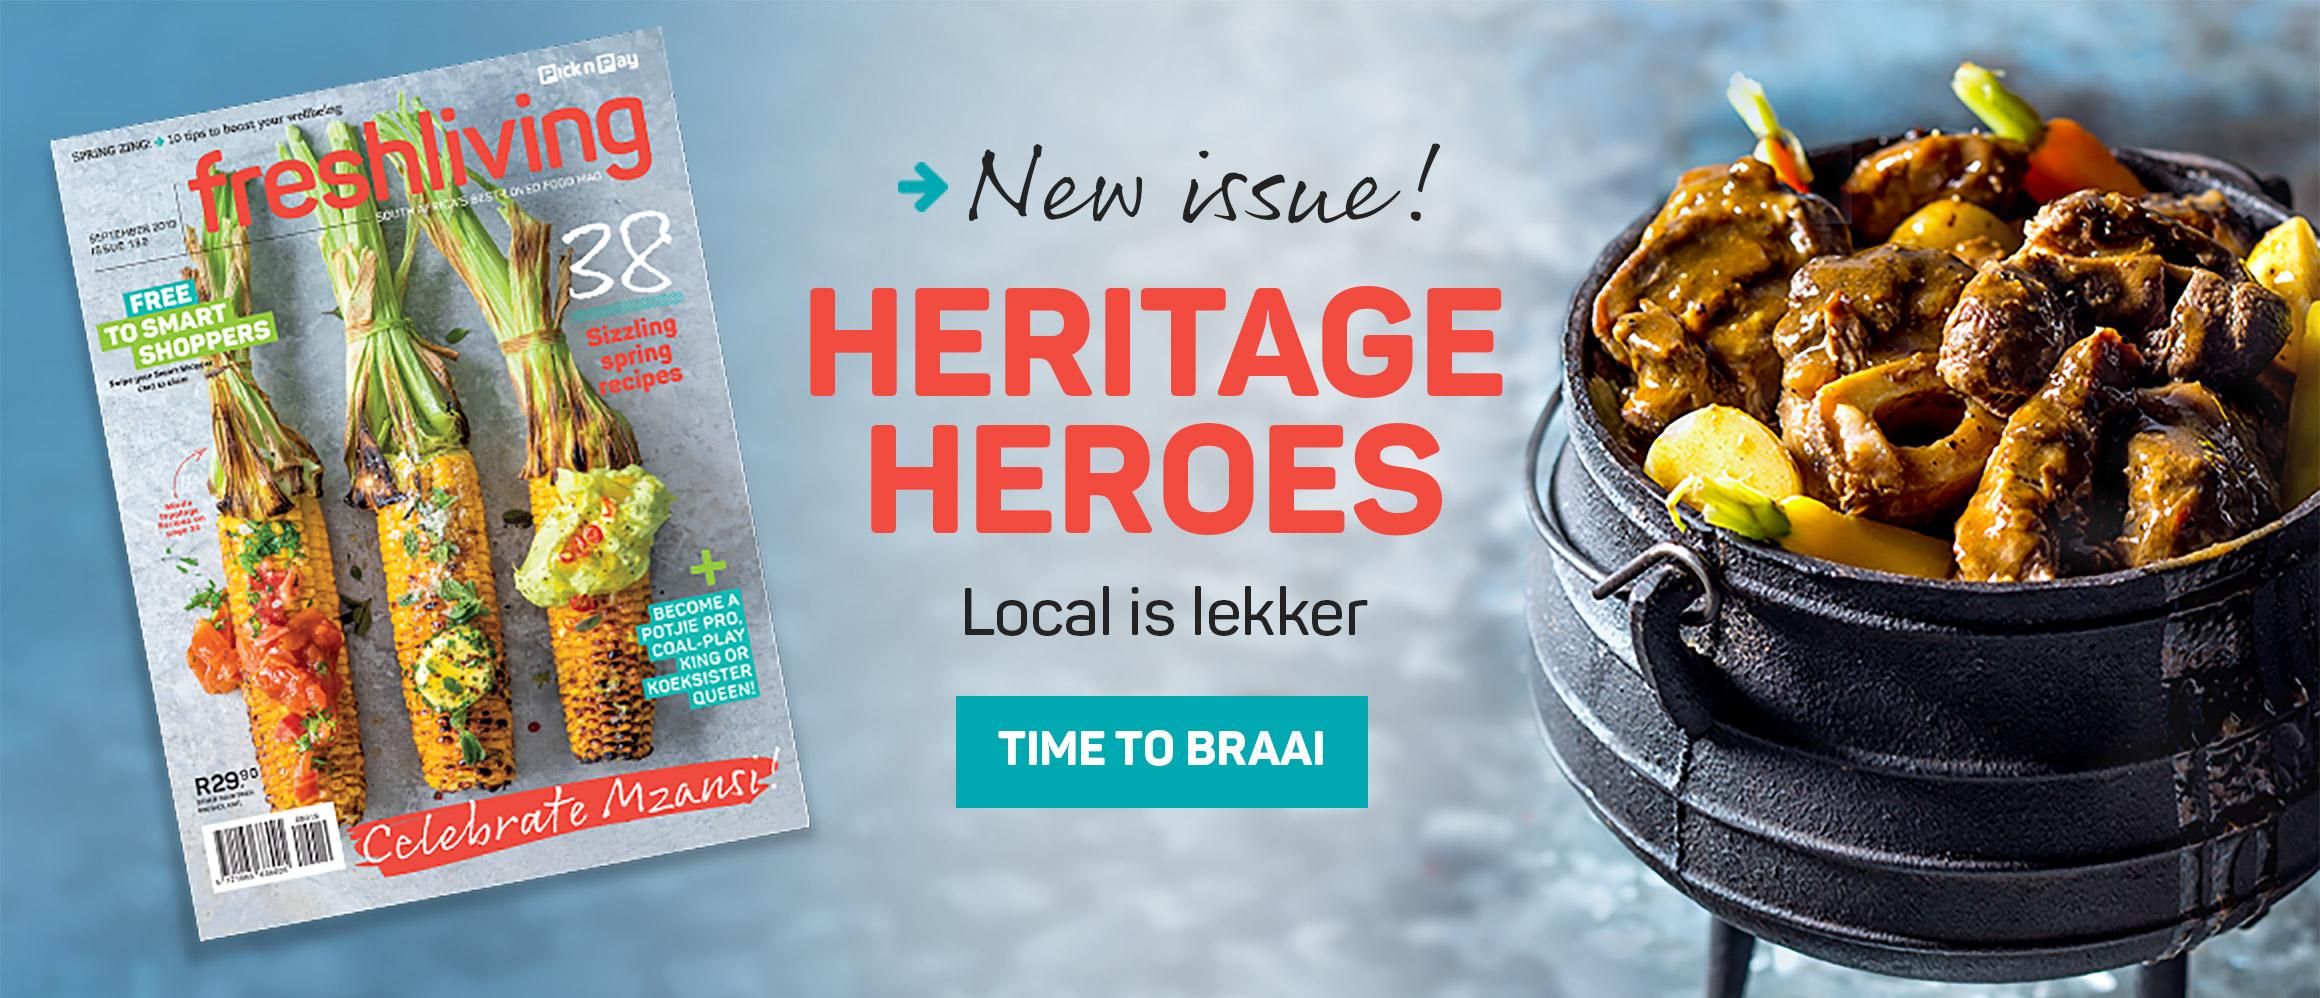 New issue. Heritahe Heroes. Local is lekker. Time to braai